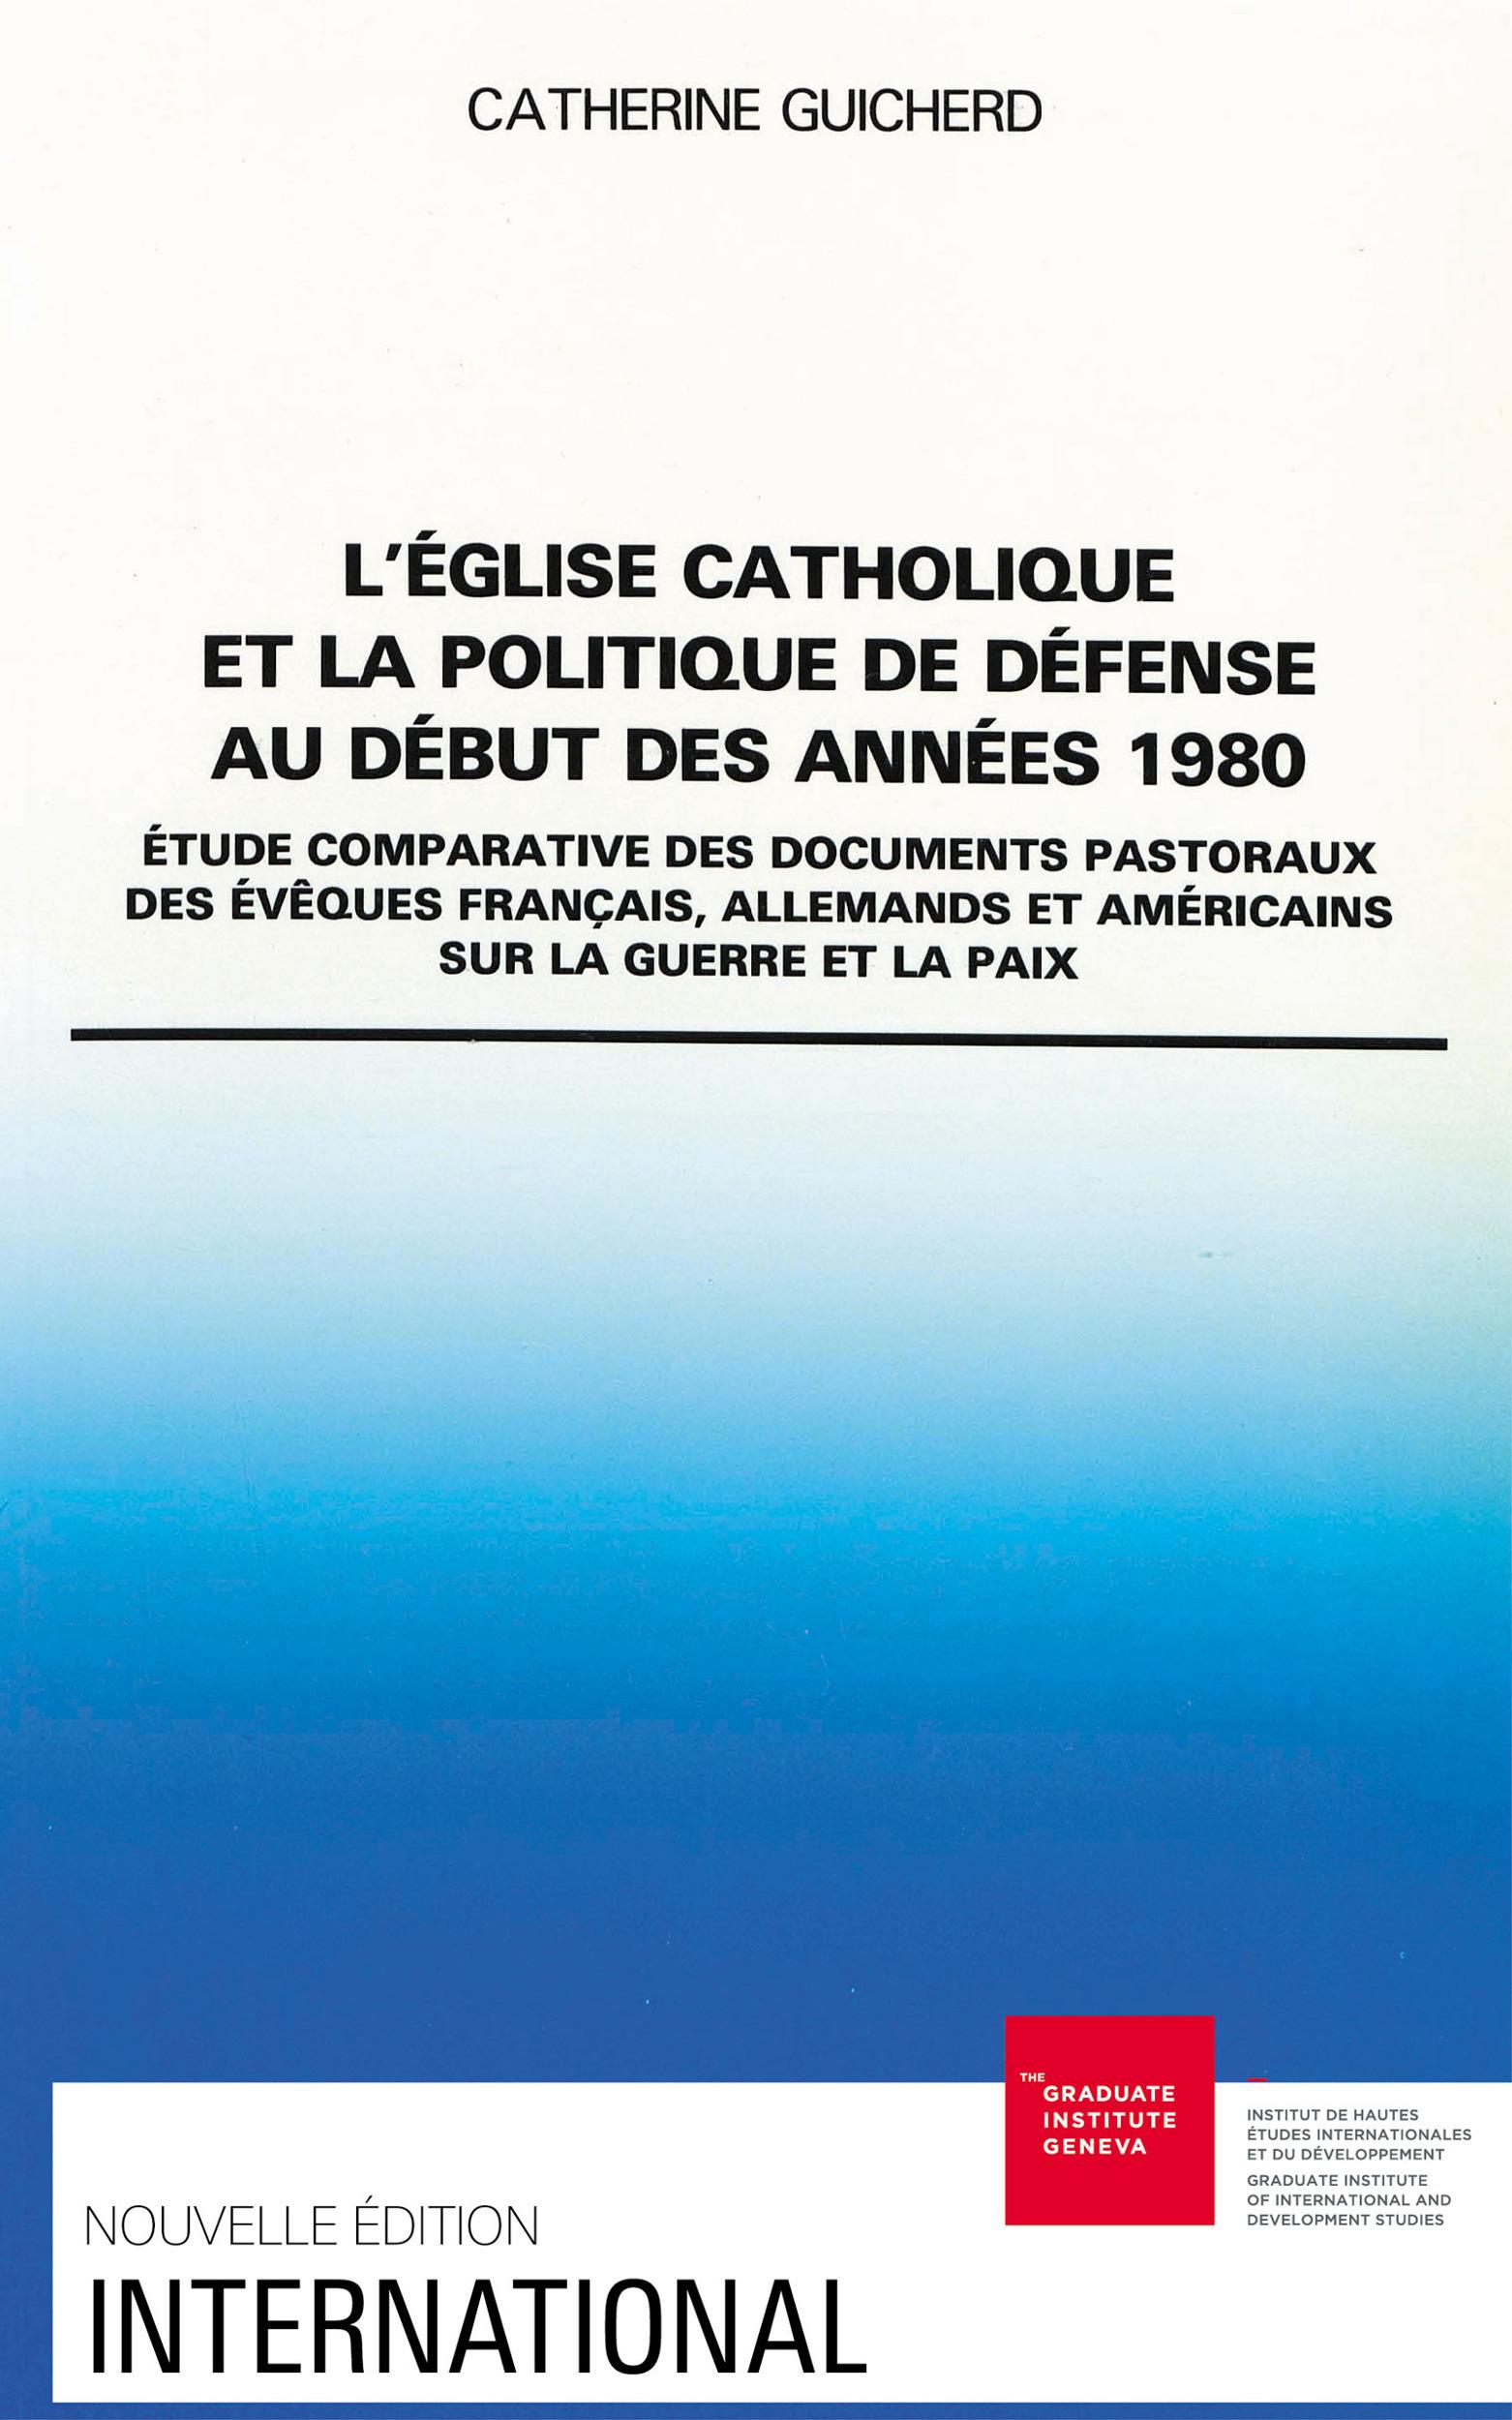 L'eglise catholique et la politique de defense au debut des annees 19 80. etude comparative des docu